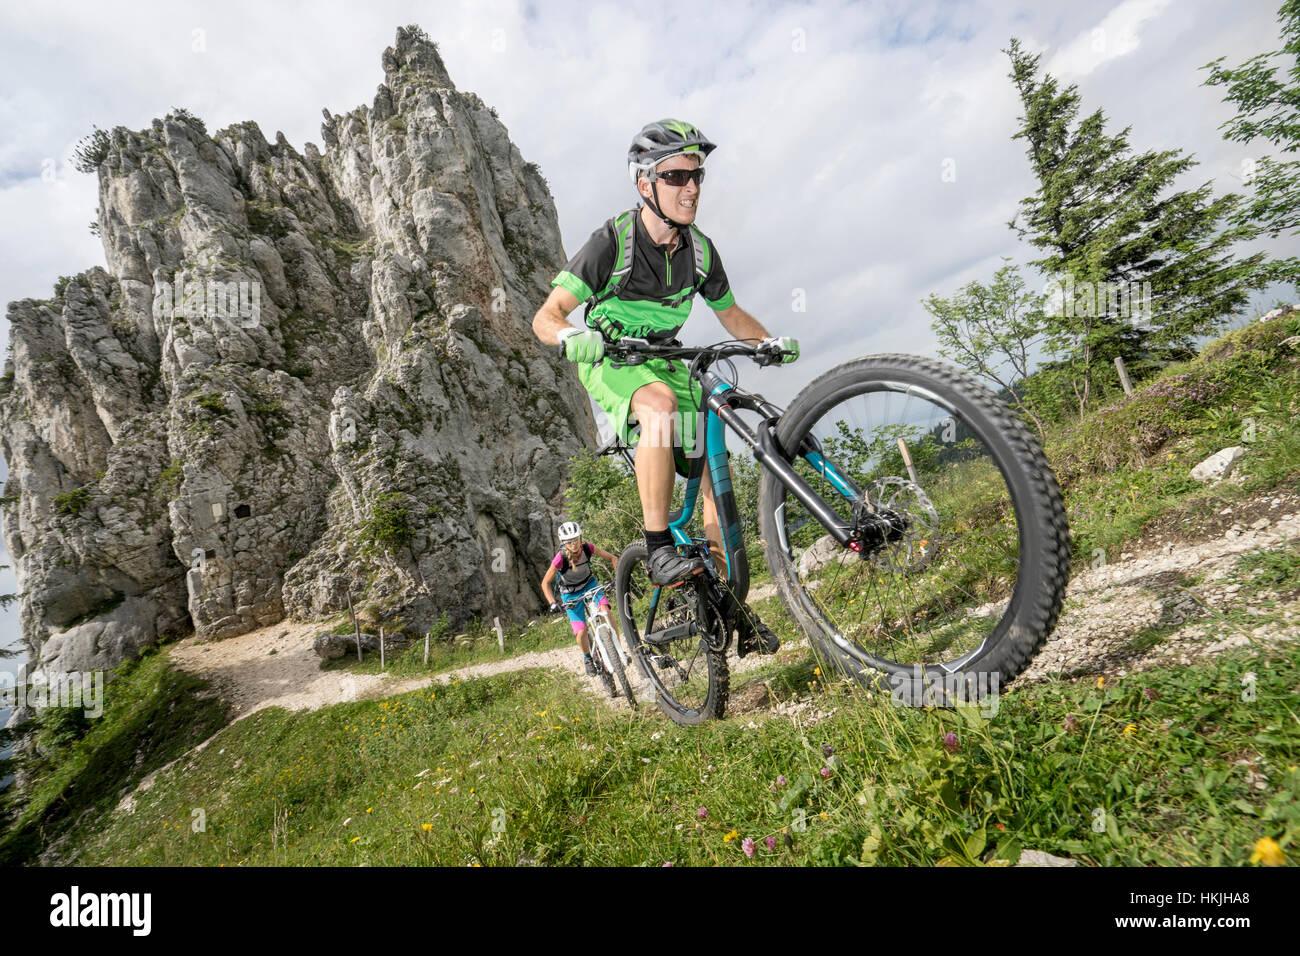 Los ciclistas de montaña en bicicleta cuesta arriba en la naturaleza, Kampenwand, Baviera, Alemania Imagen De Stock